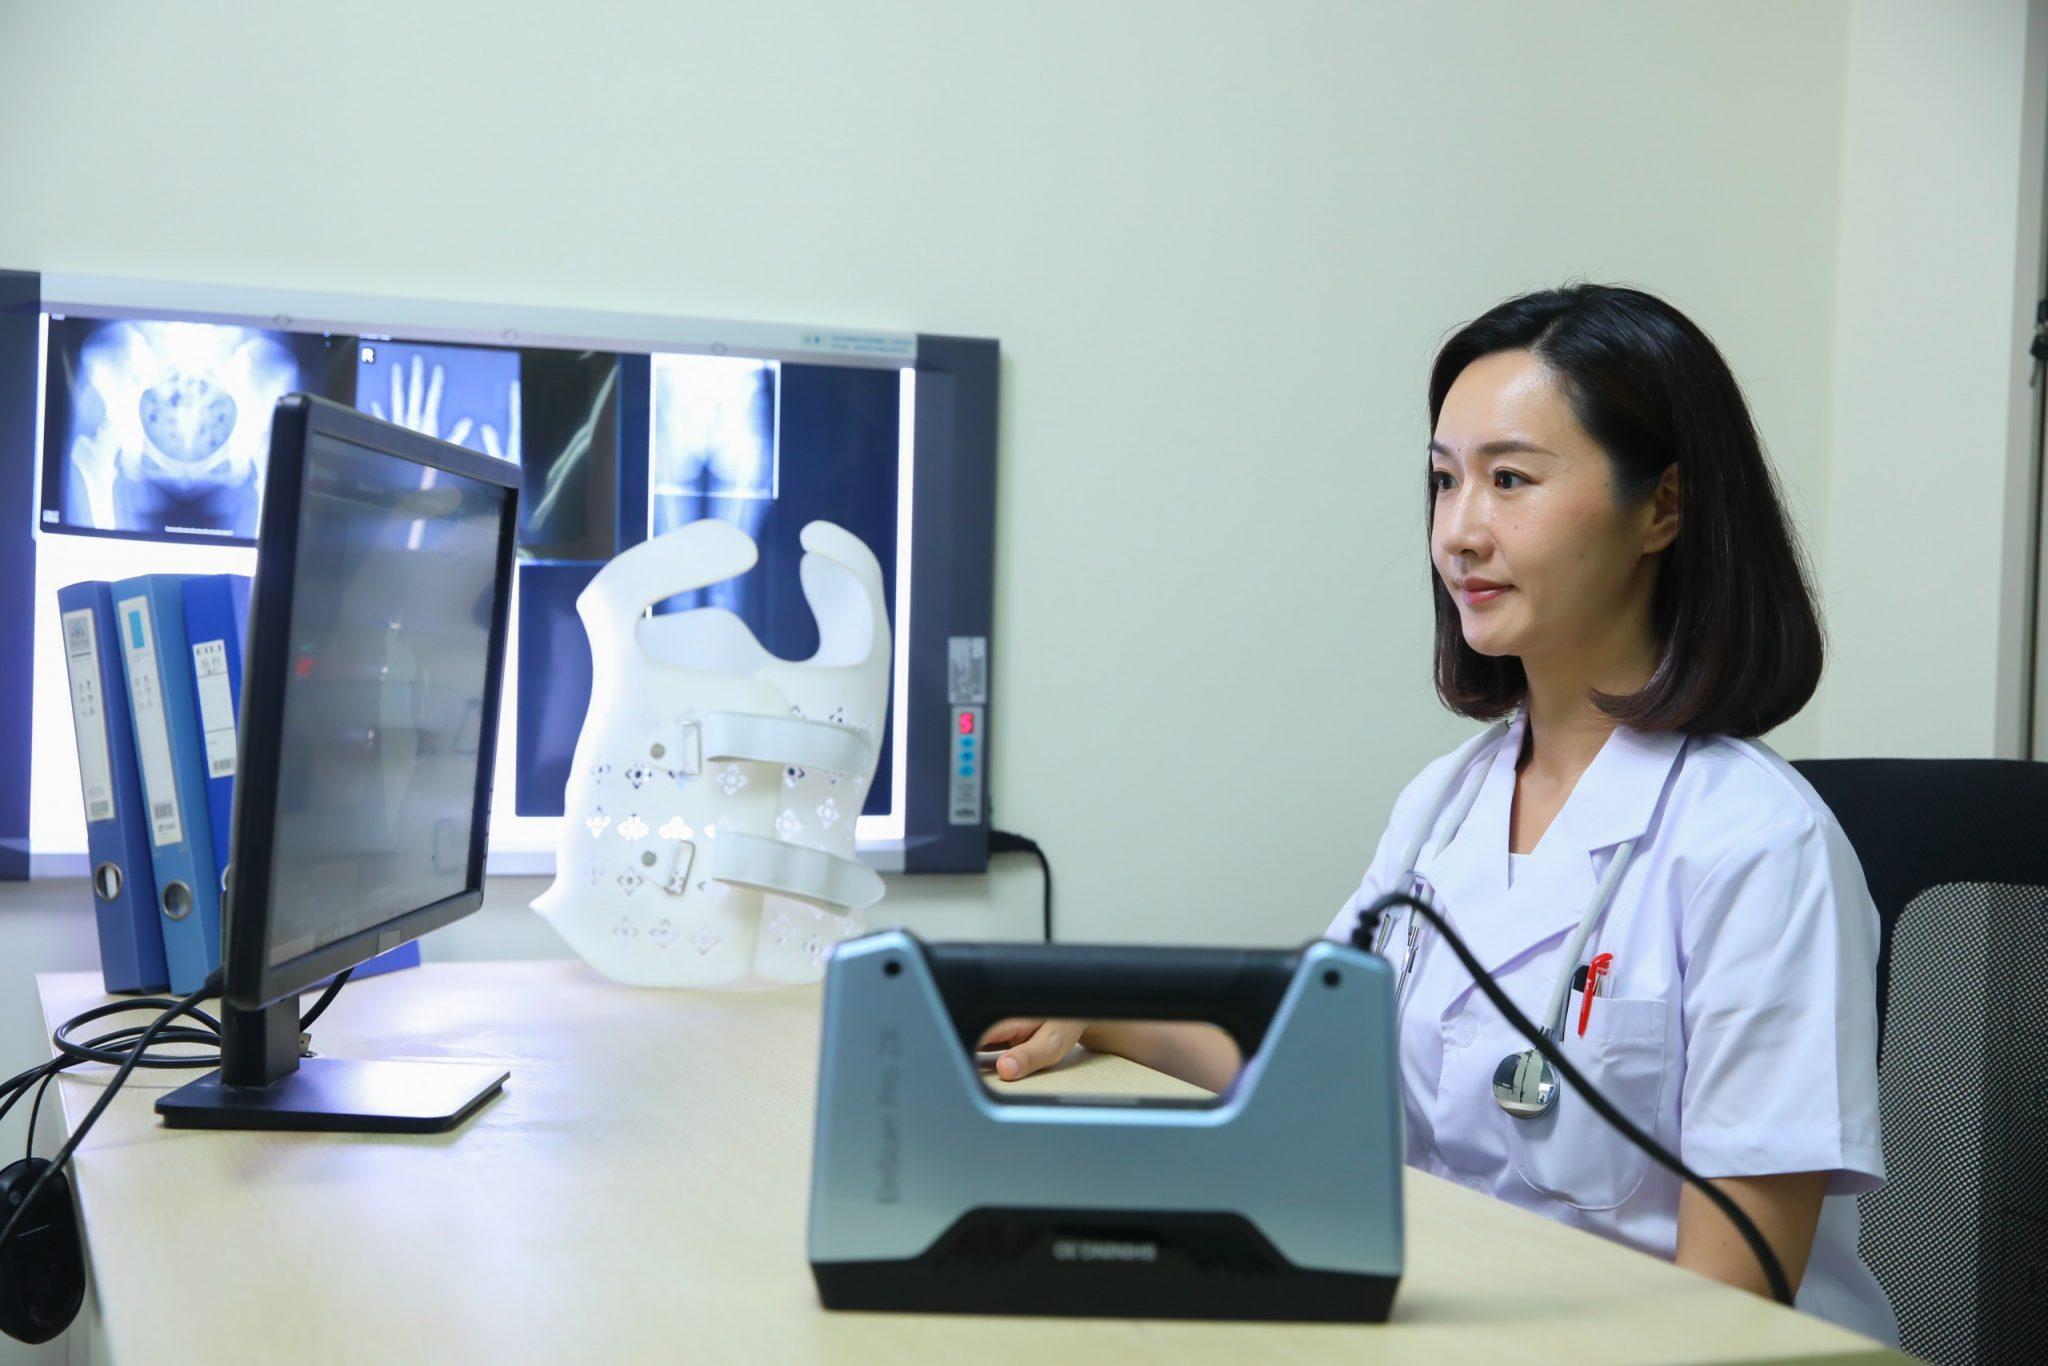 3D Scanning in medicine